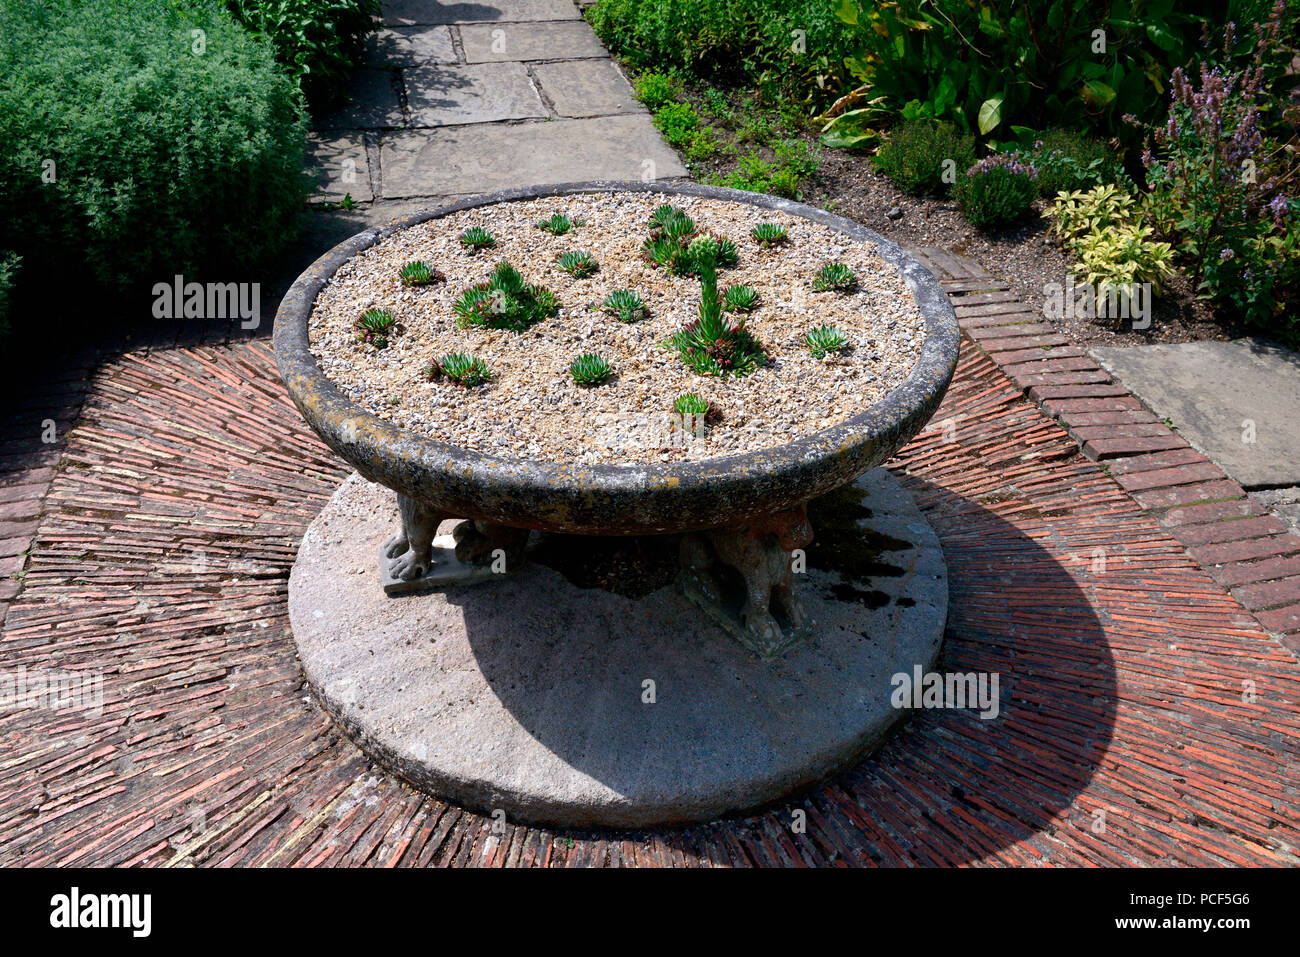 Steintisch Mit Echeveria, Steingarten   Stock Image